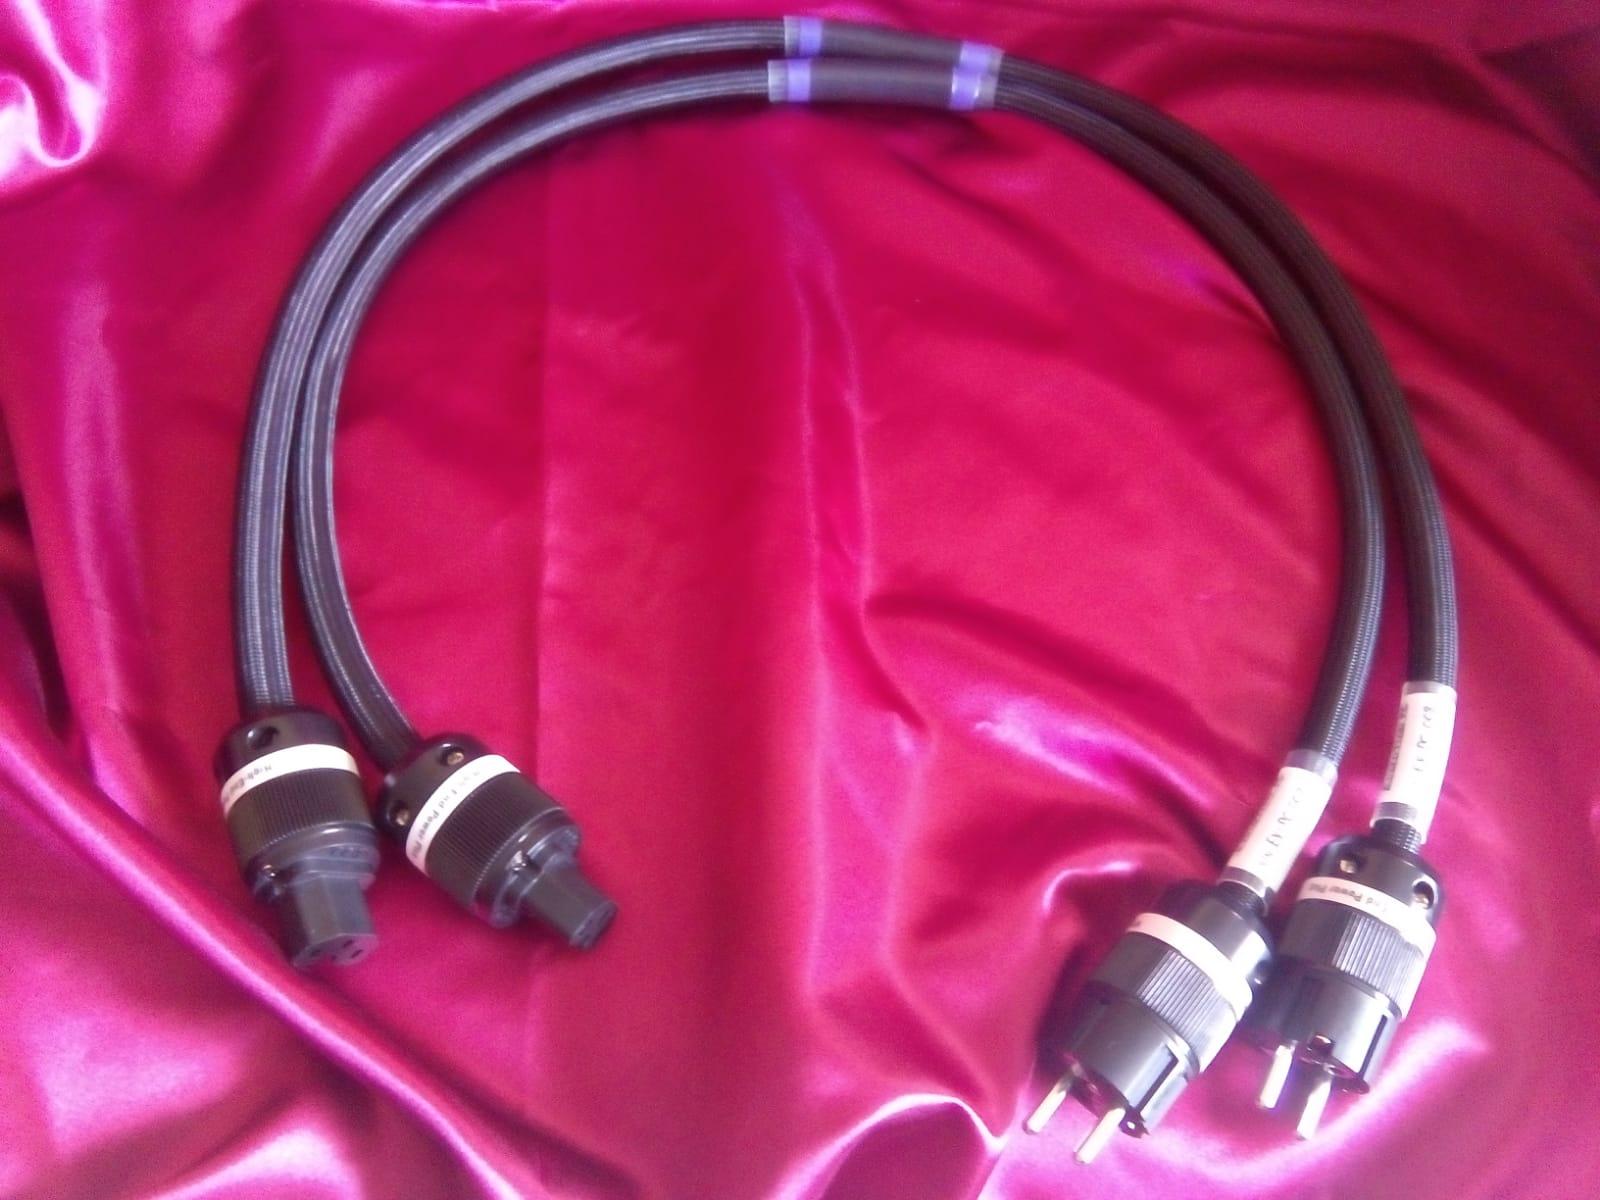 ¡Wow!! Prueba de cables Wires4Music serie Horus - Página 5 75973610